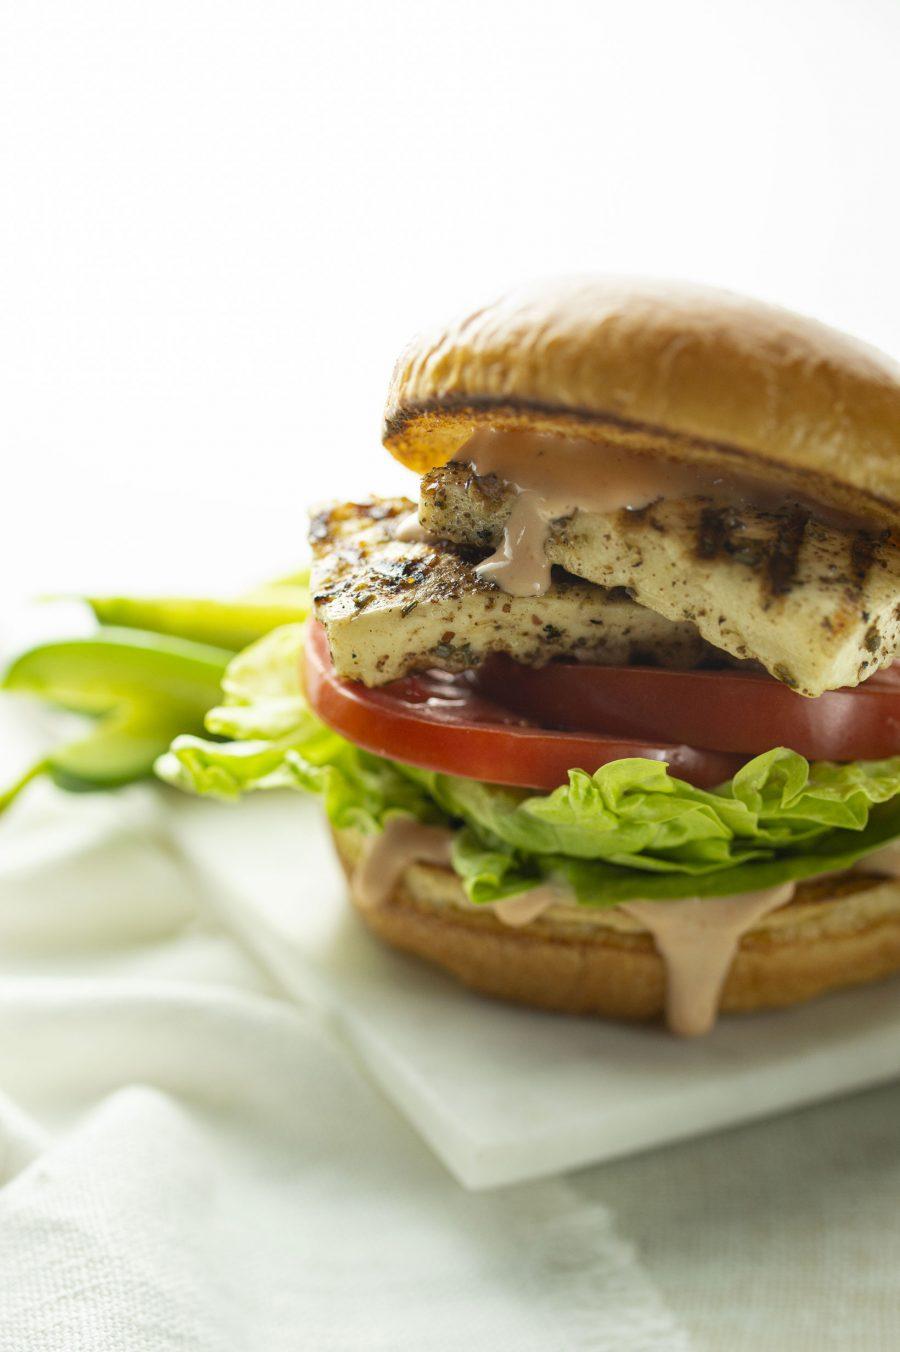 L'appel du burger